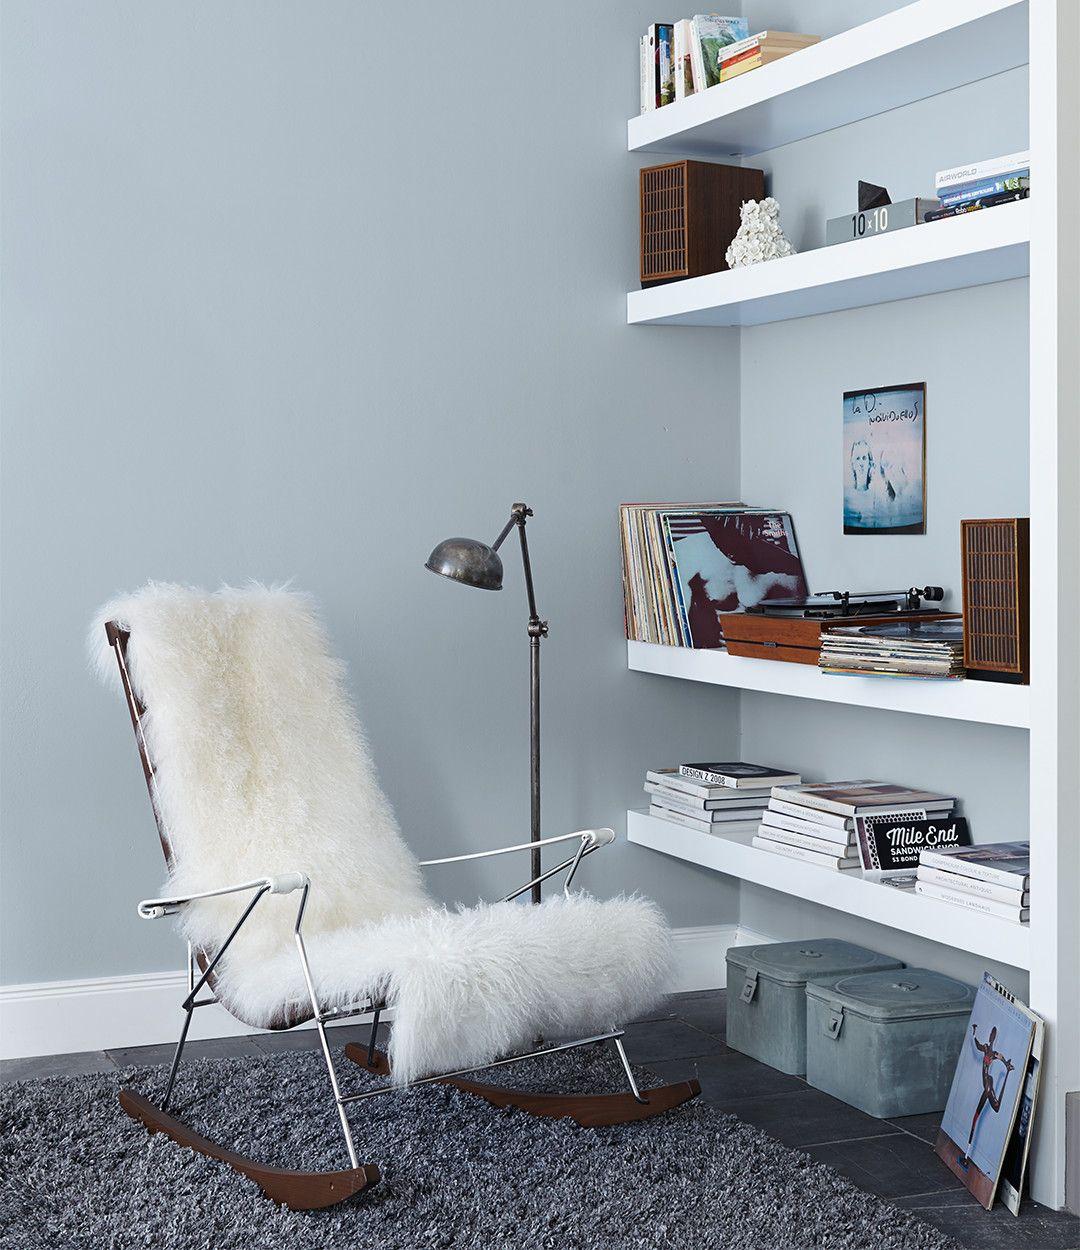 Natürliche Wandfarben weiß und natürliche töne wie grau anthrazit und warme braun töne